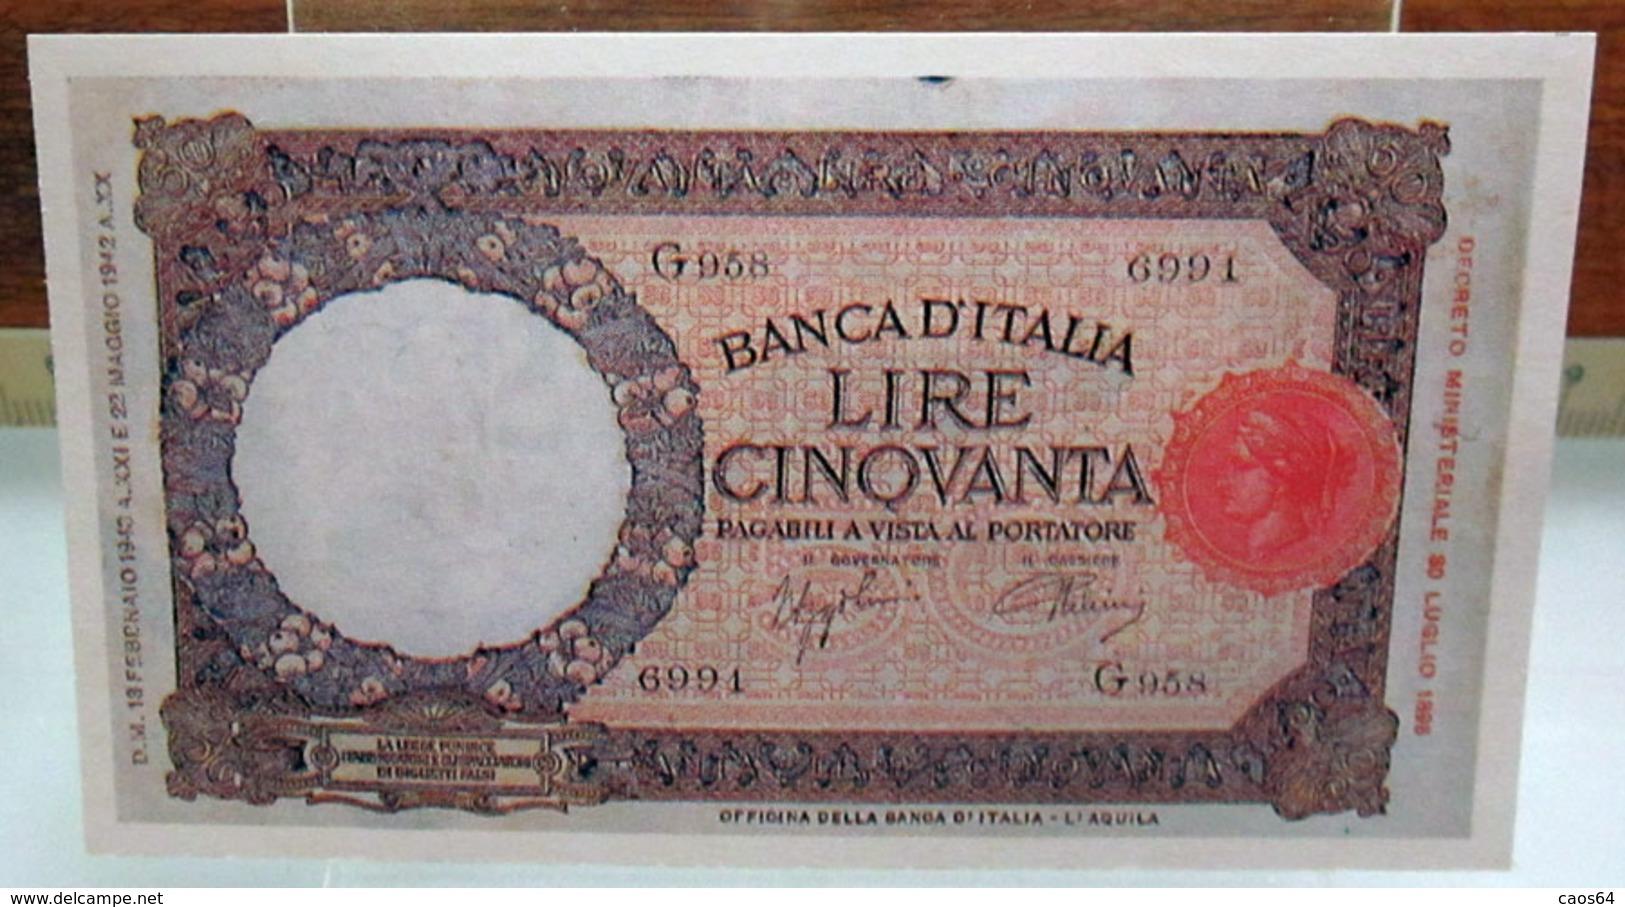 MINI BANCONOTA FAC-SIMILE LIRE CINQUANTA 1942 - Specimen